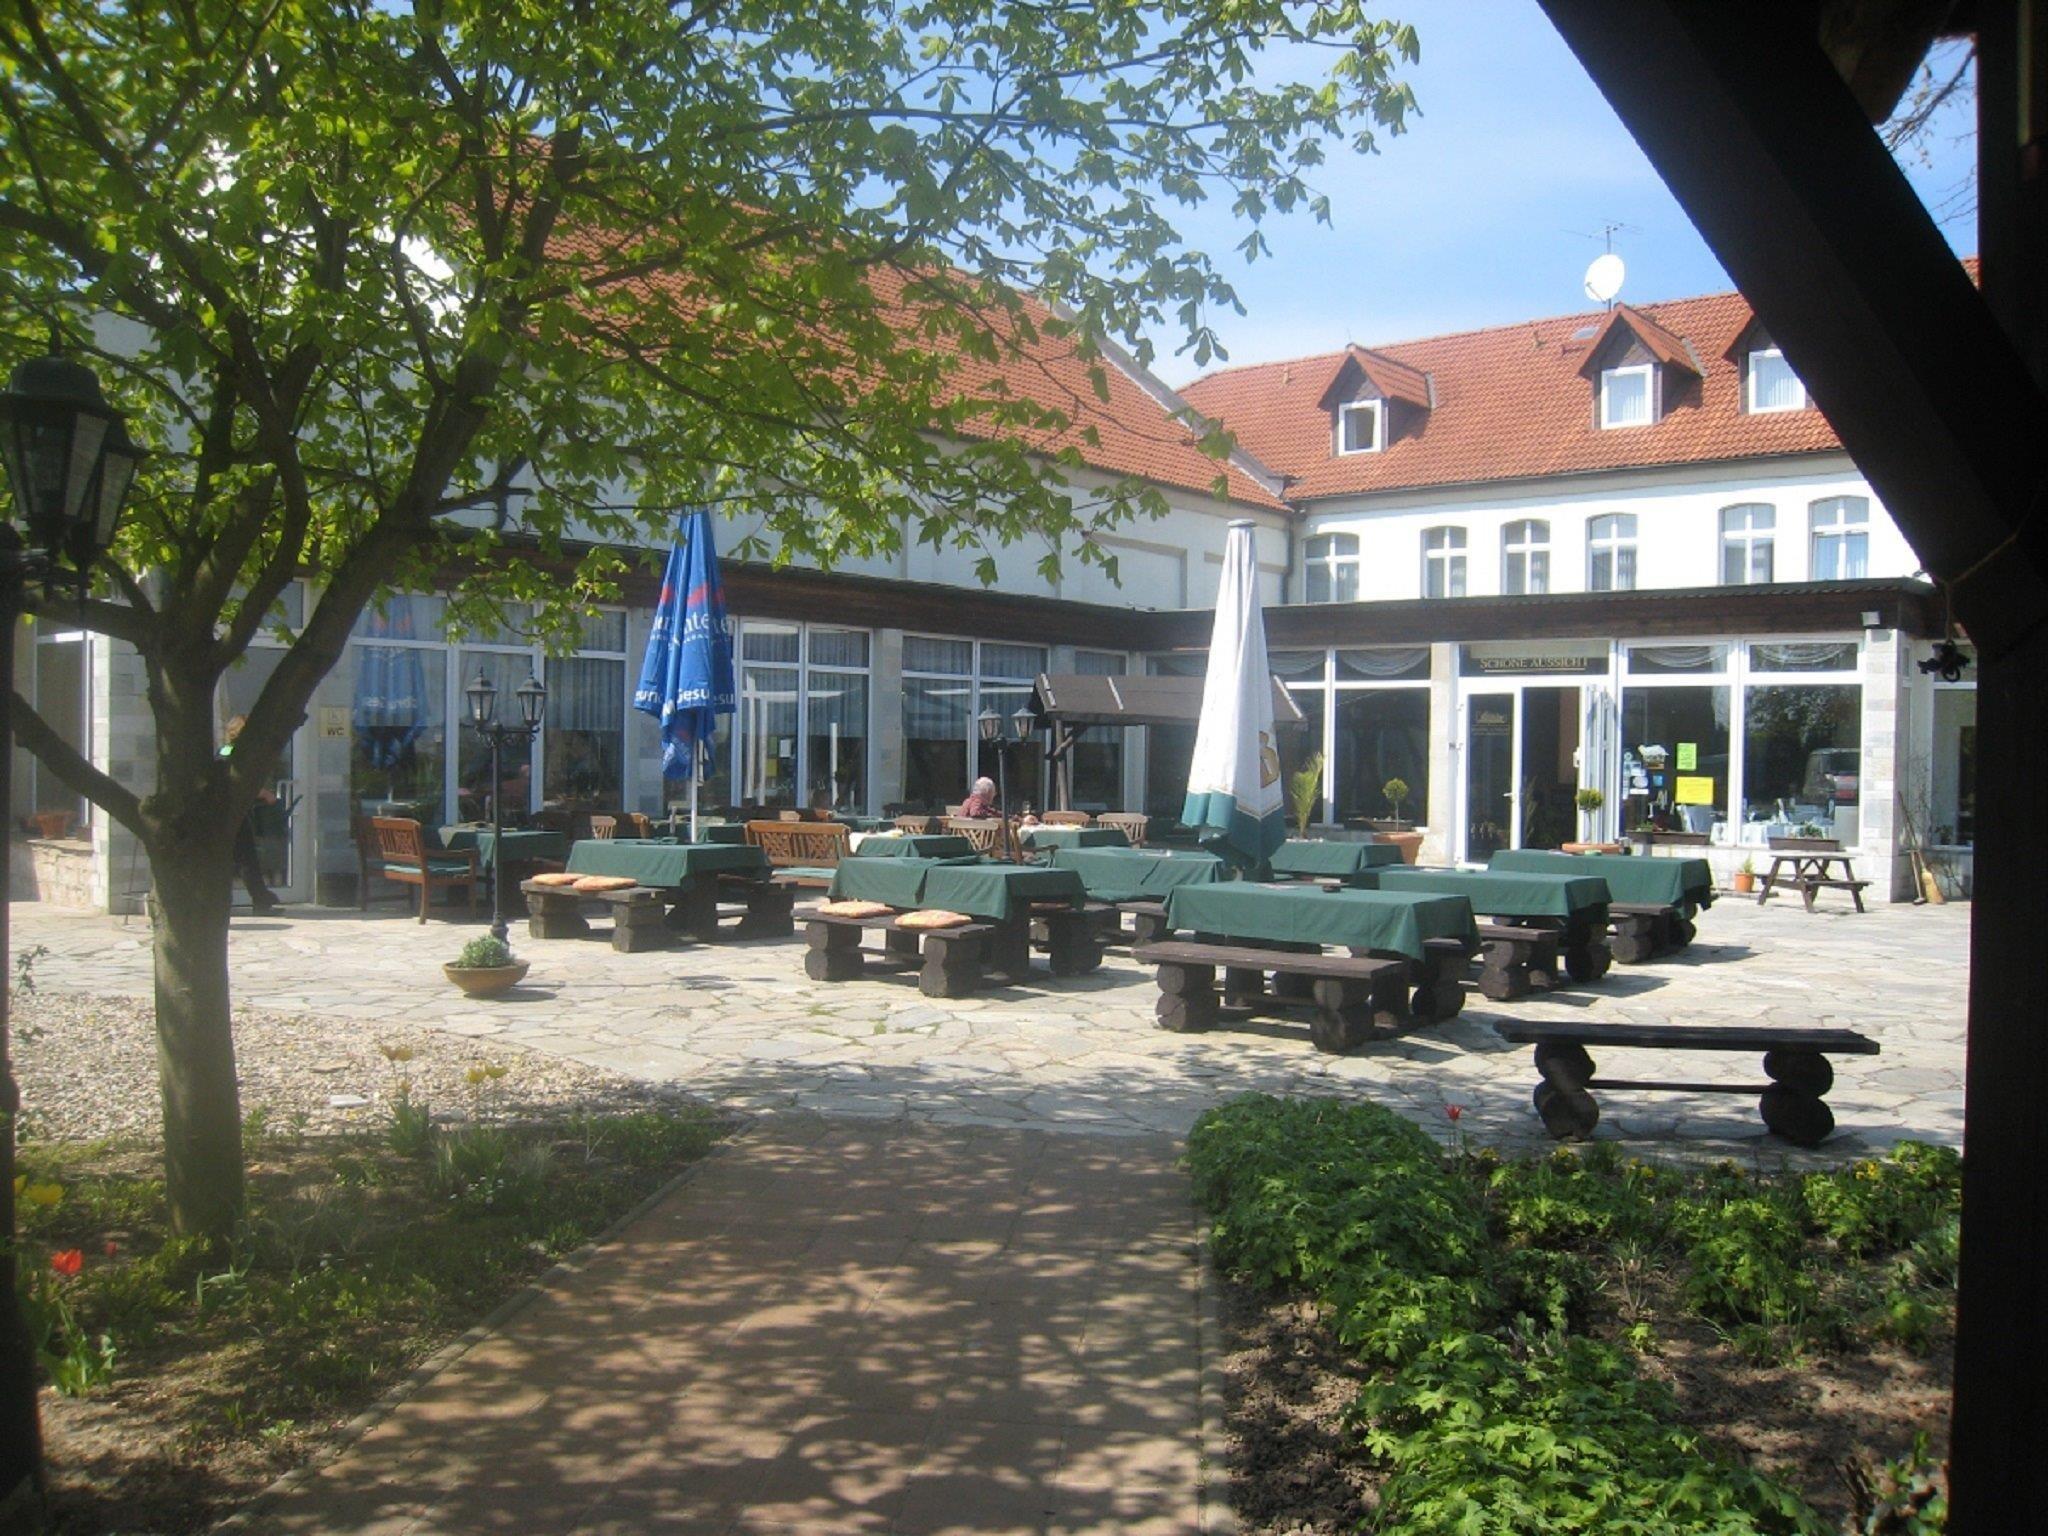 Hotel Hotel Restaurant Schone Aussicht In Weissenfels